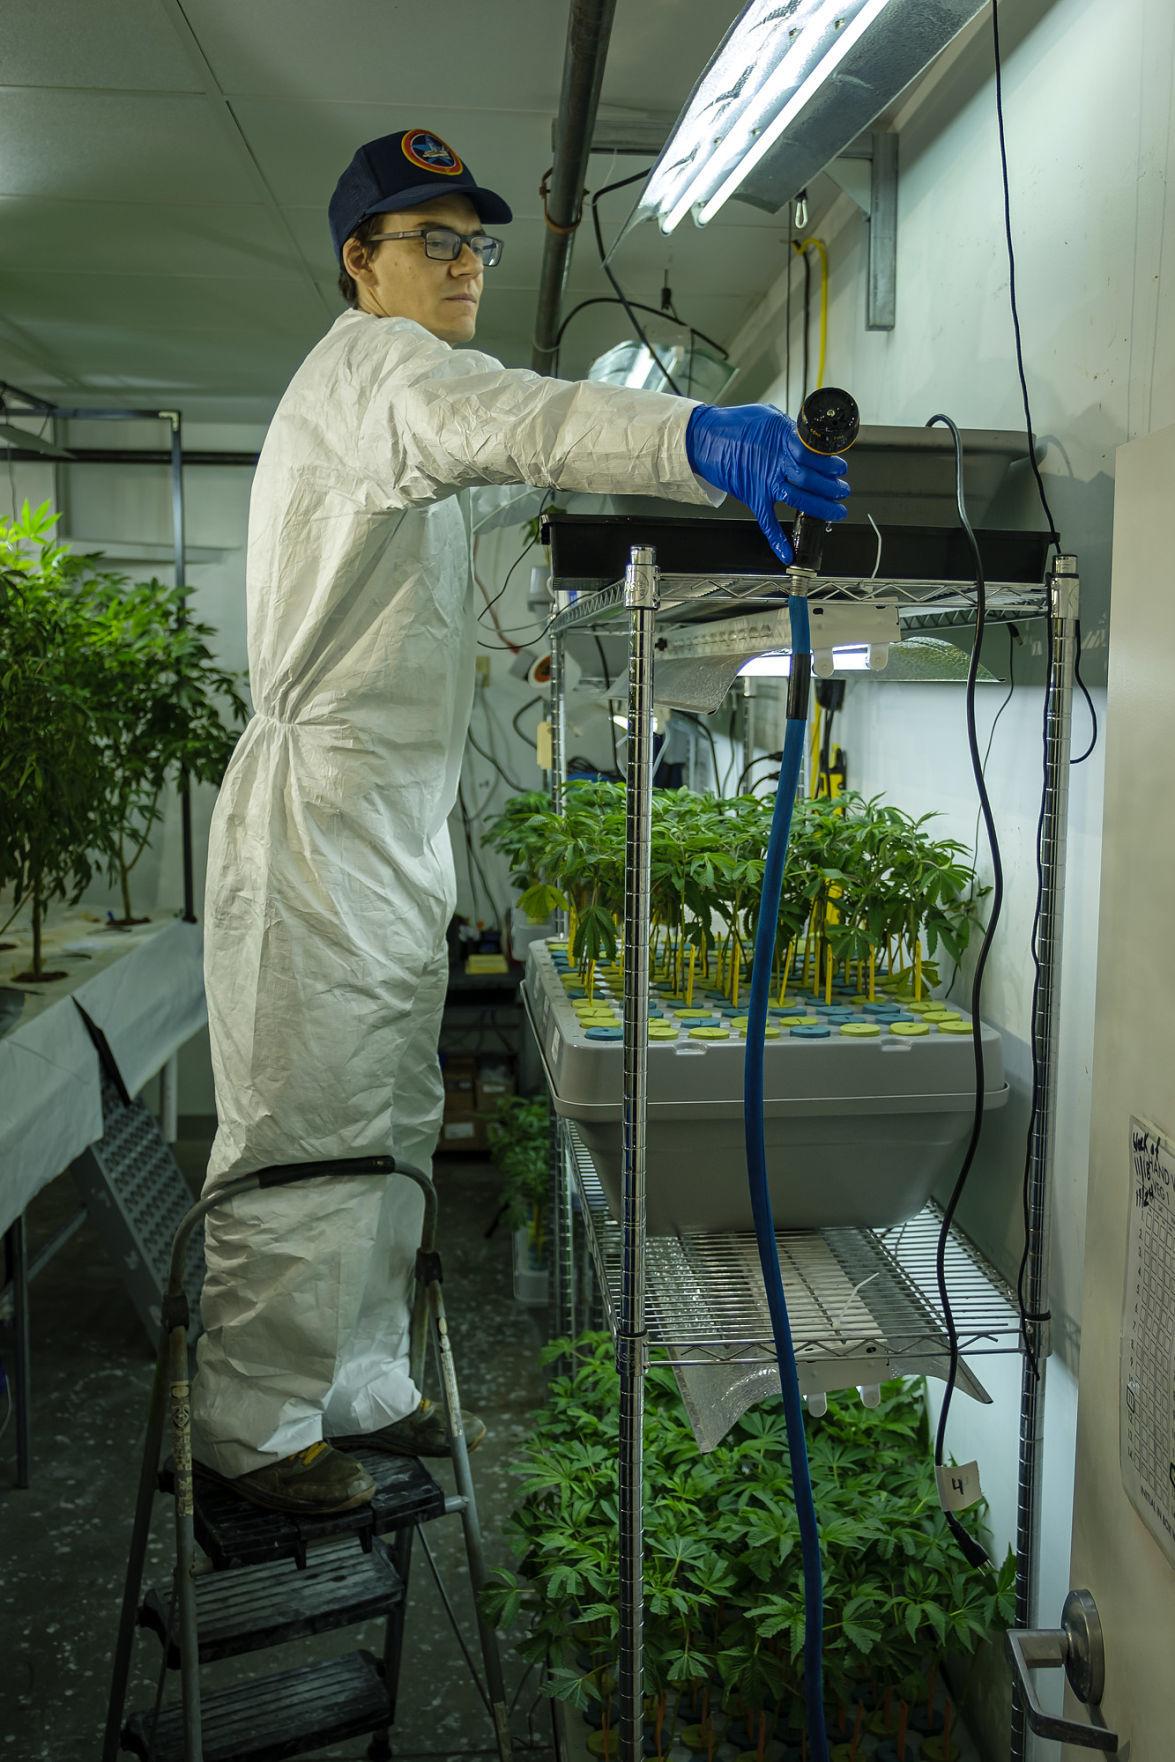 112019-nws-pot-grower-2.jpg